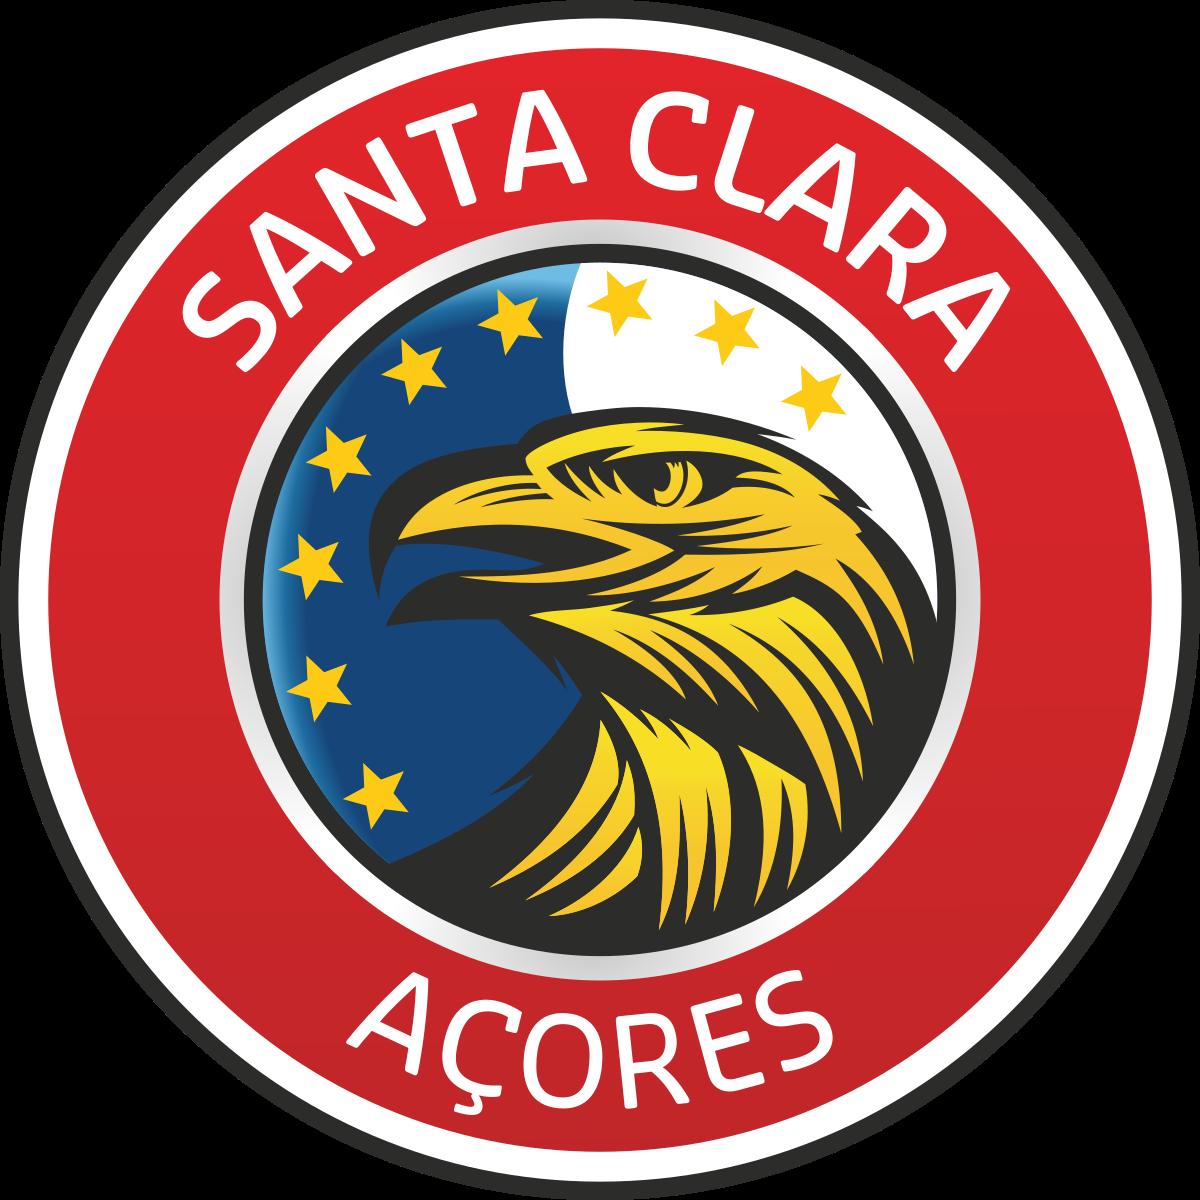 C.D. Santa Clara.